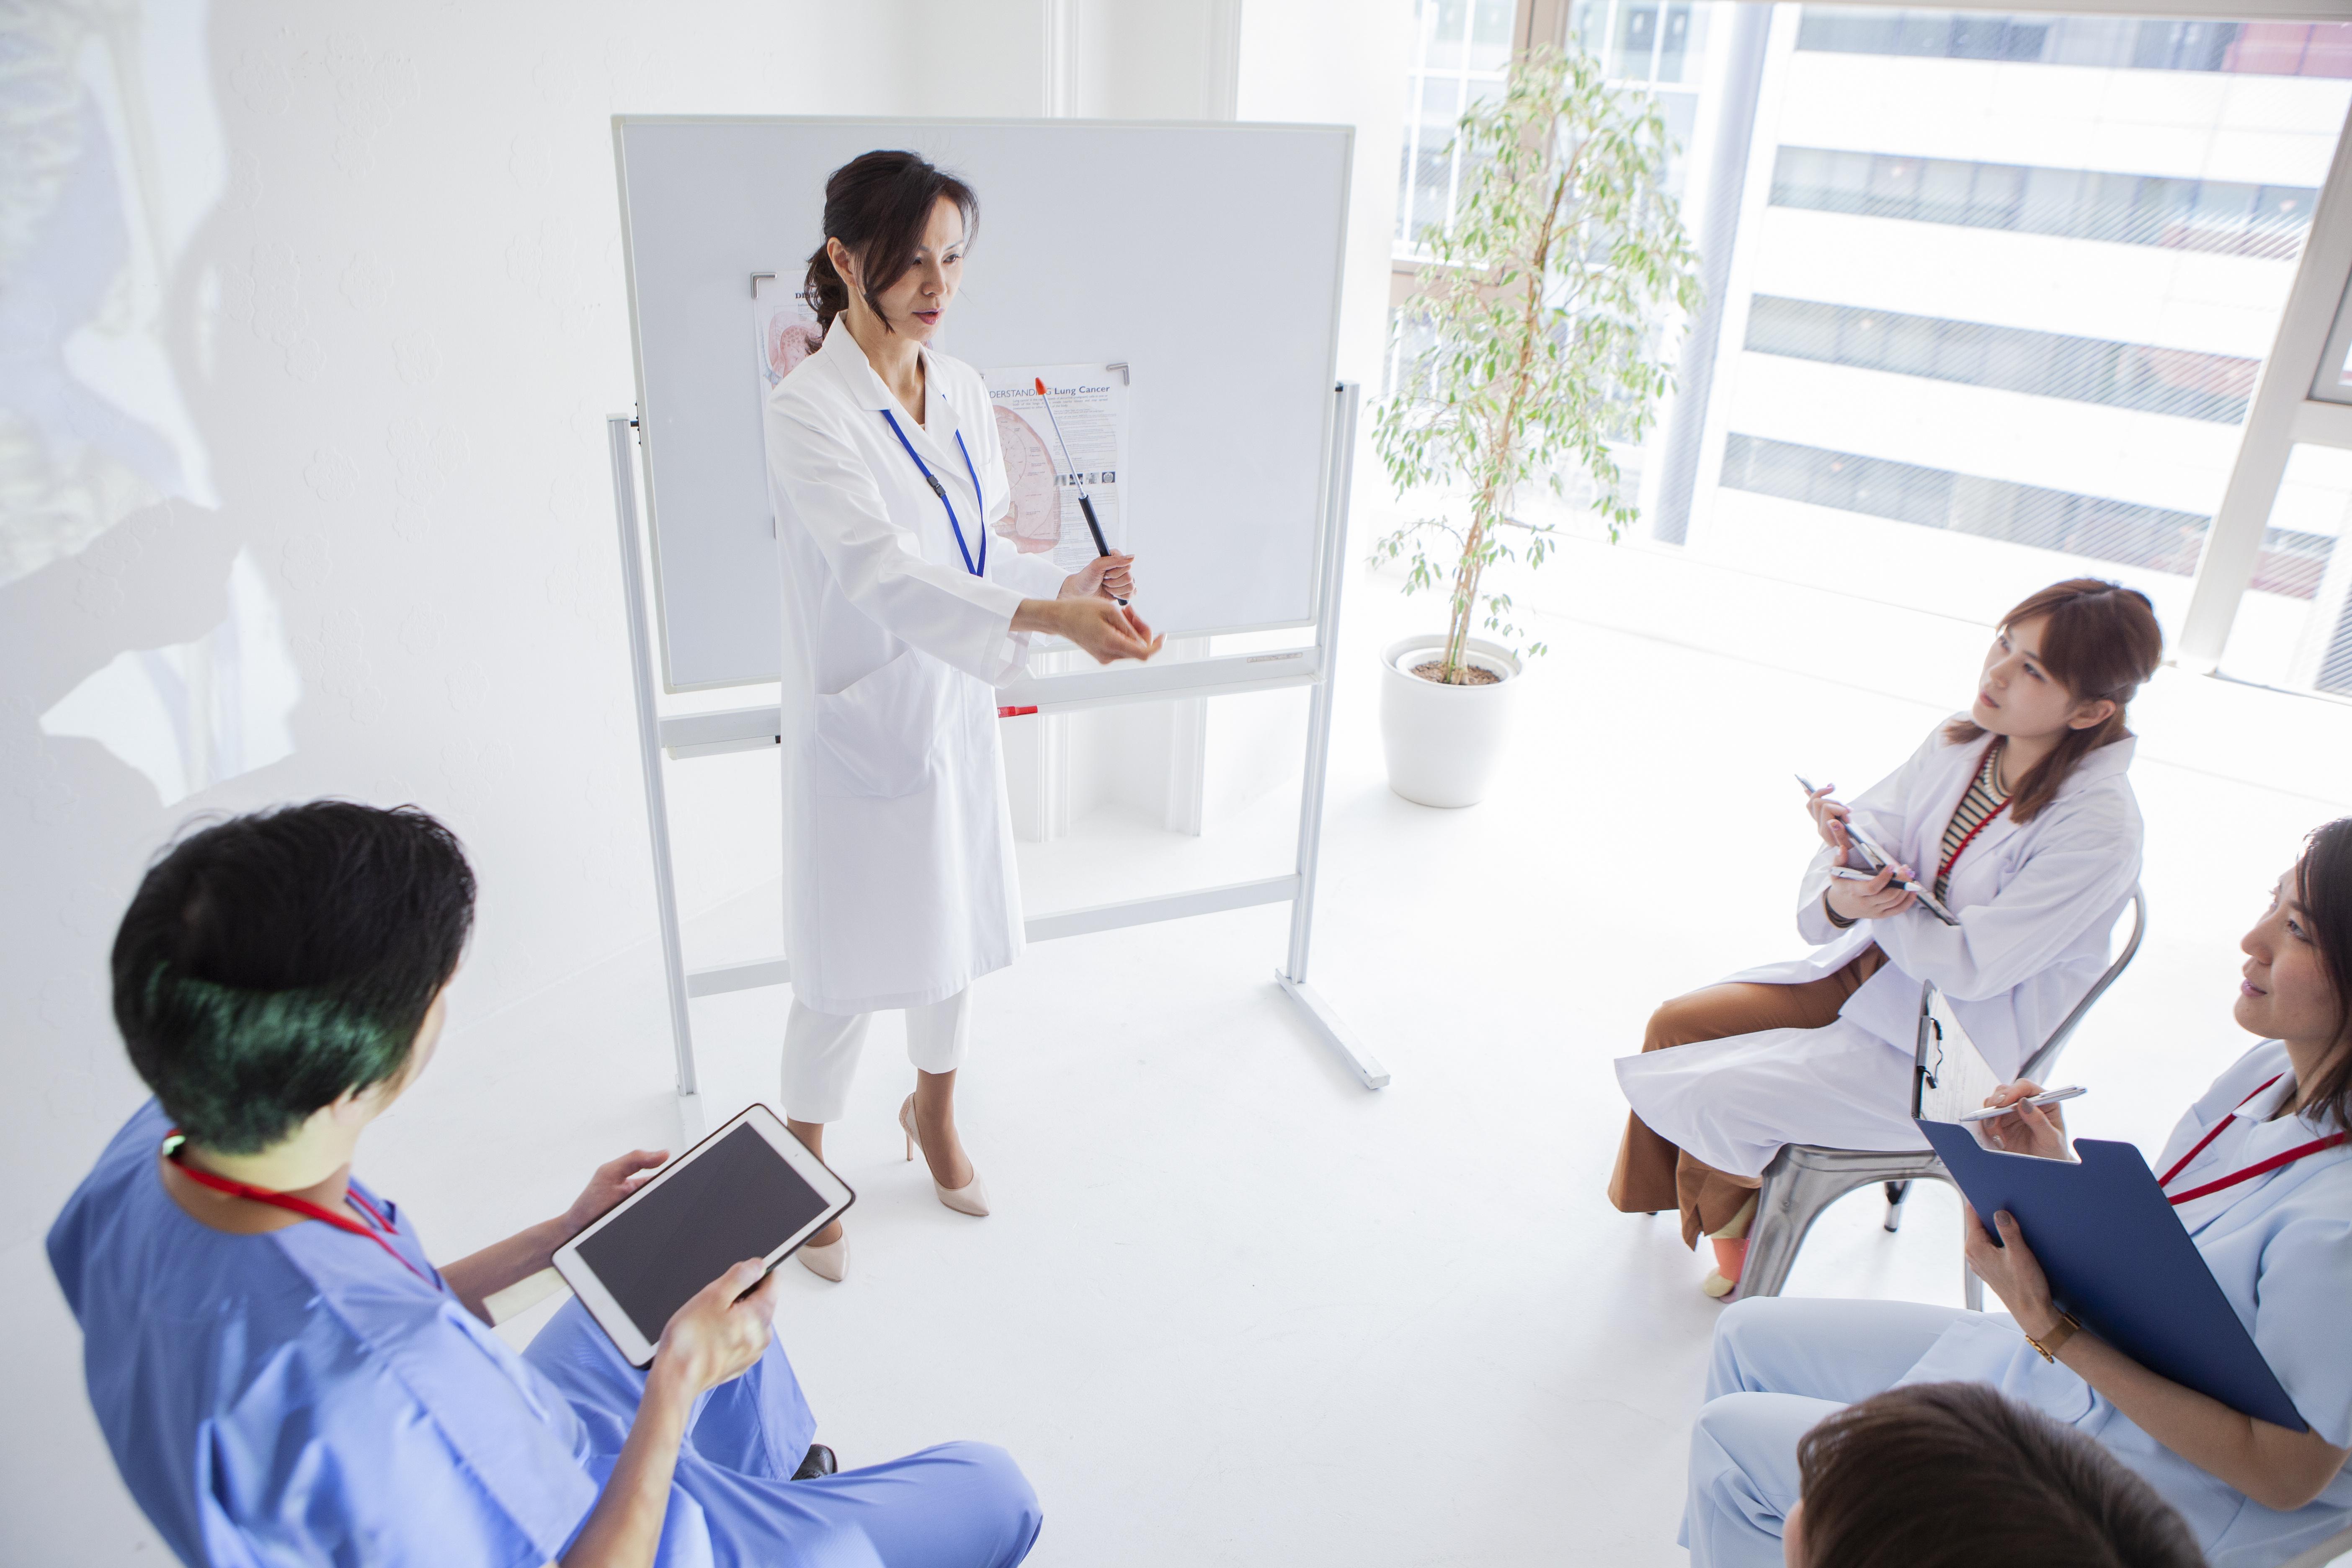 Une formation spécifique conduisant au diplôme d'état en pratique avancée (grade Master 2) (Visuel Adobe Stock 334629423).